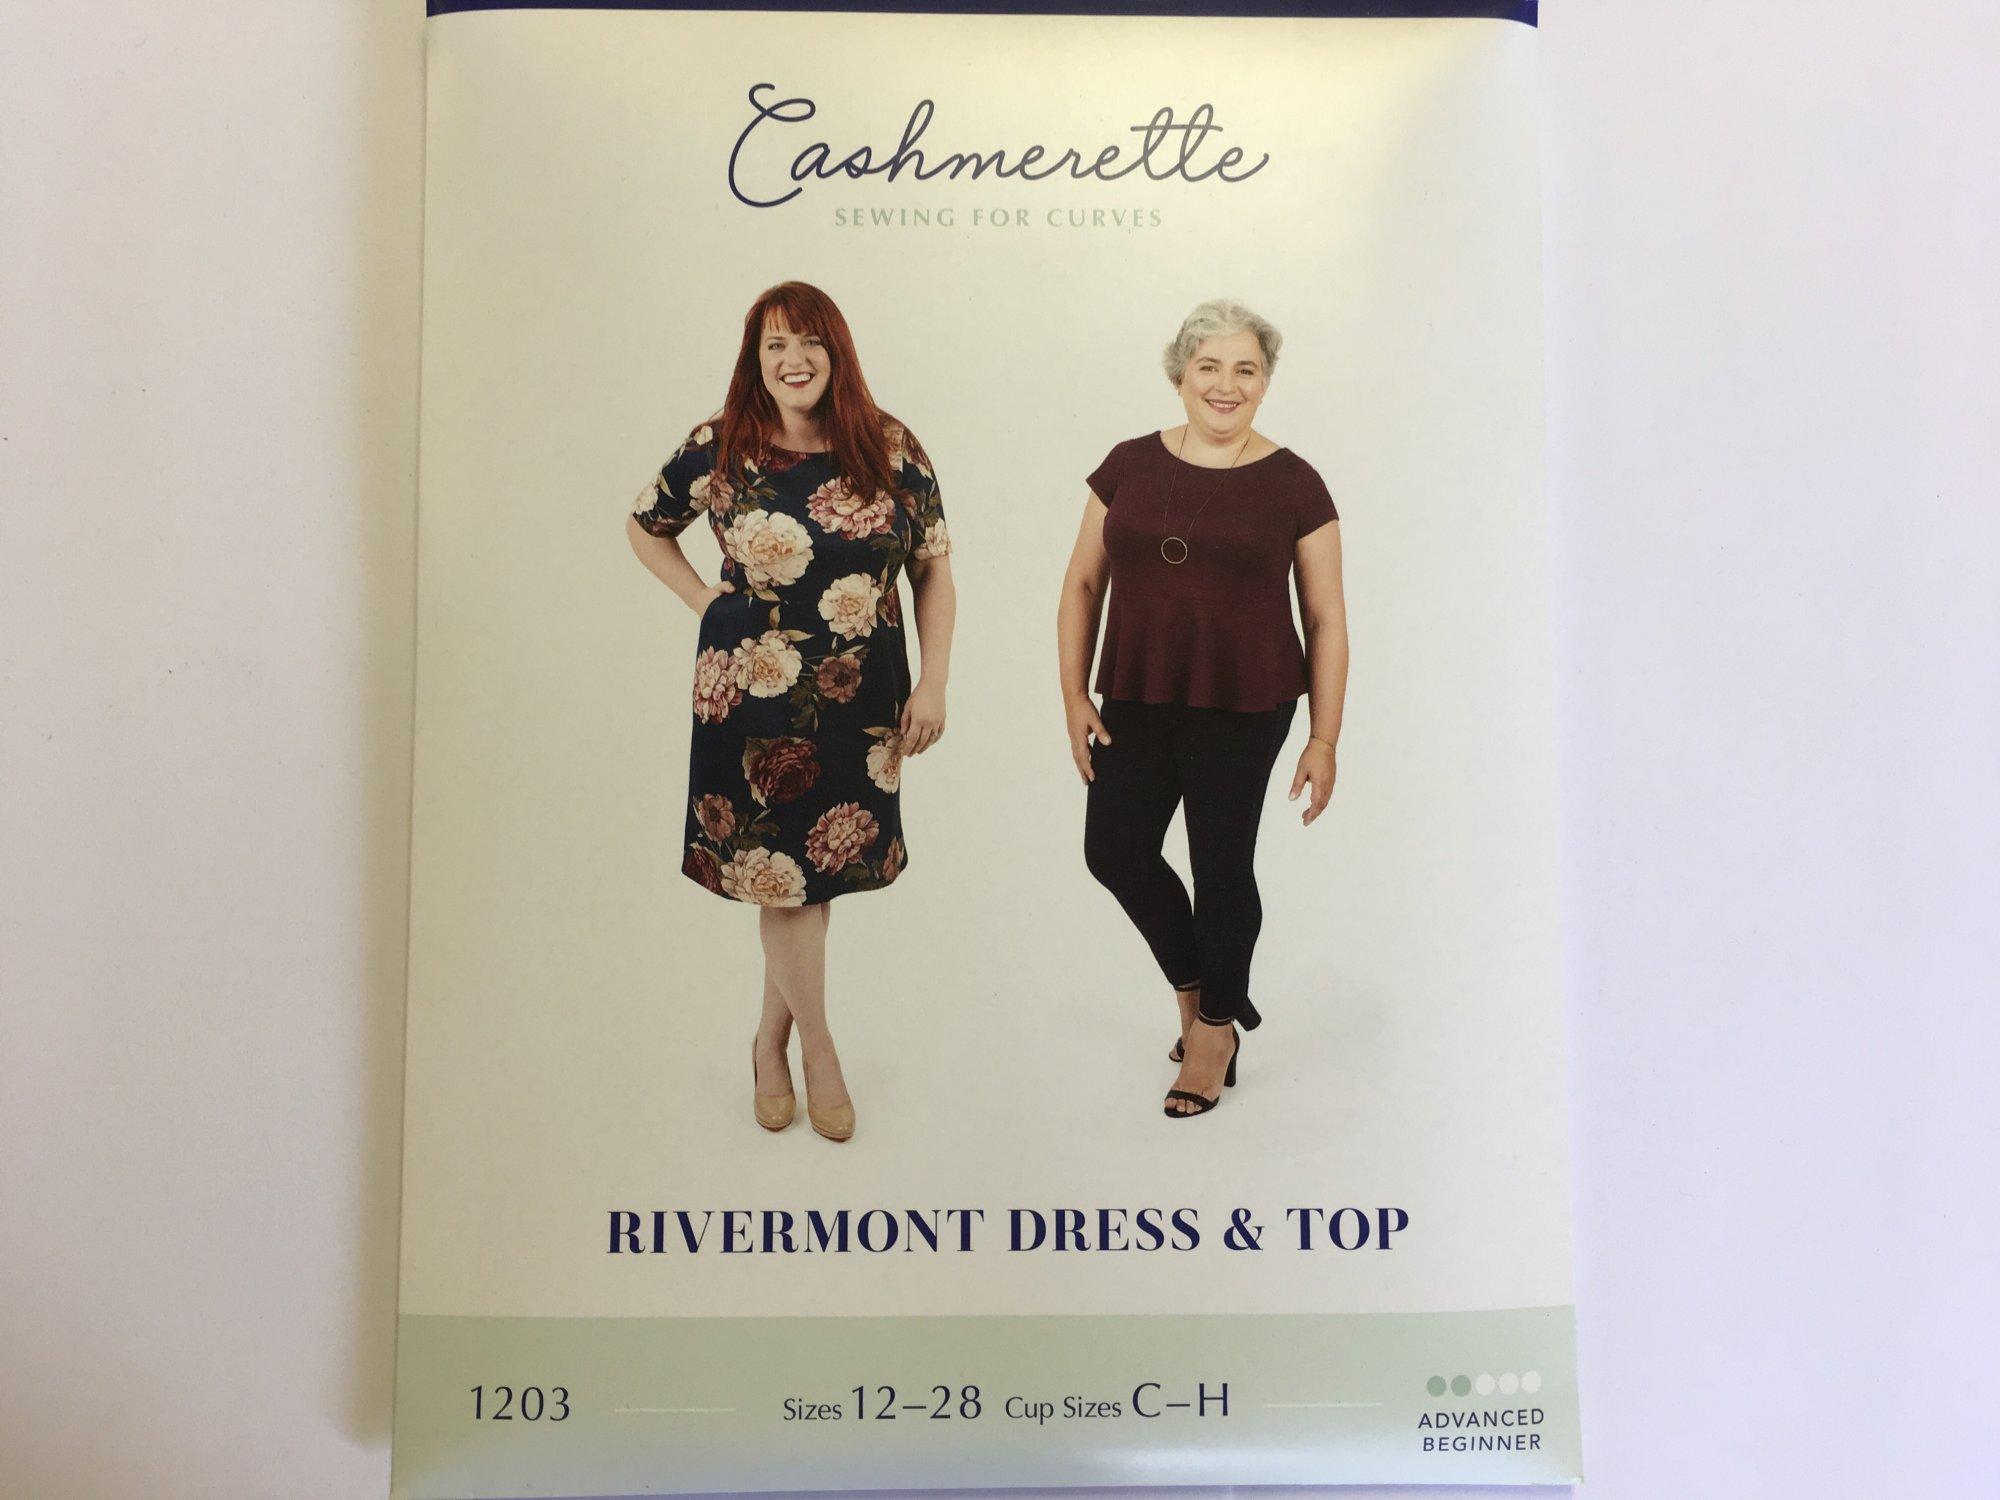 CASHMERETTE RIVERMONT DRESS & TOP PATTERN (size 12 - 28) 1203